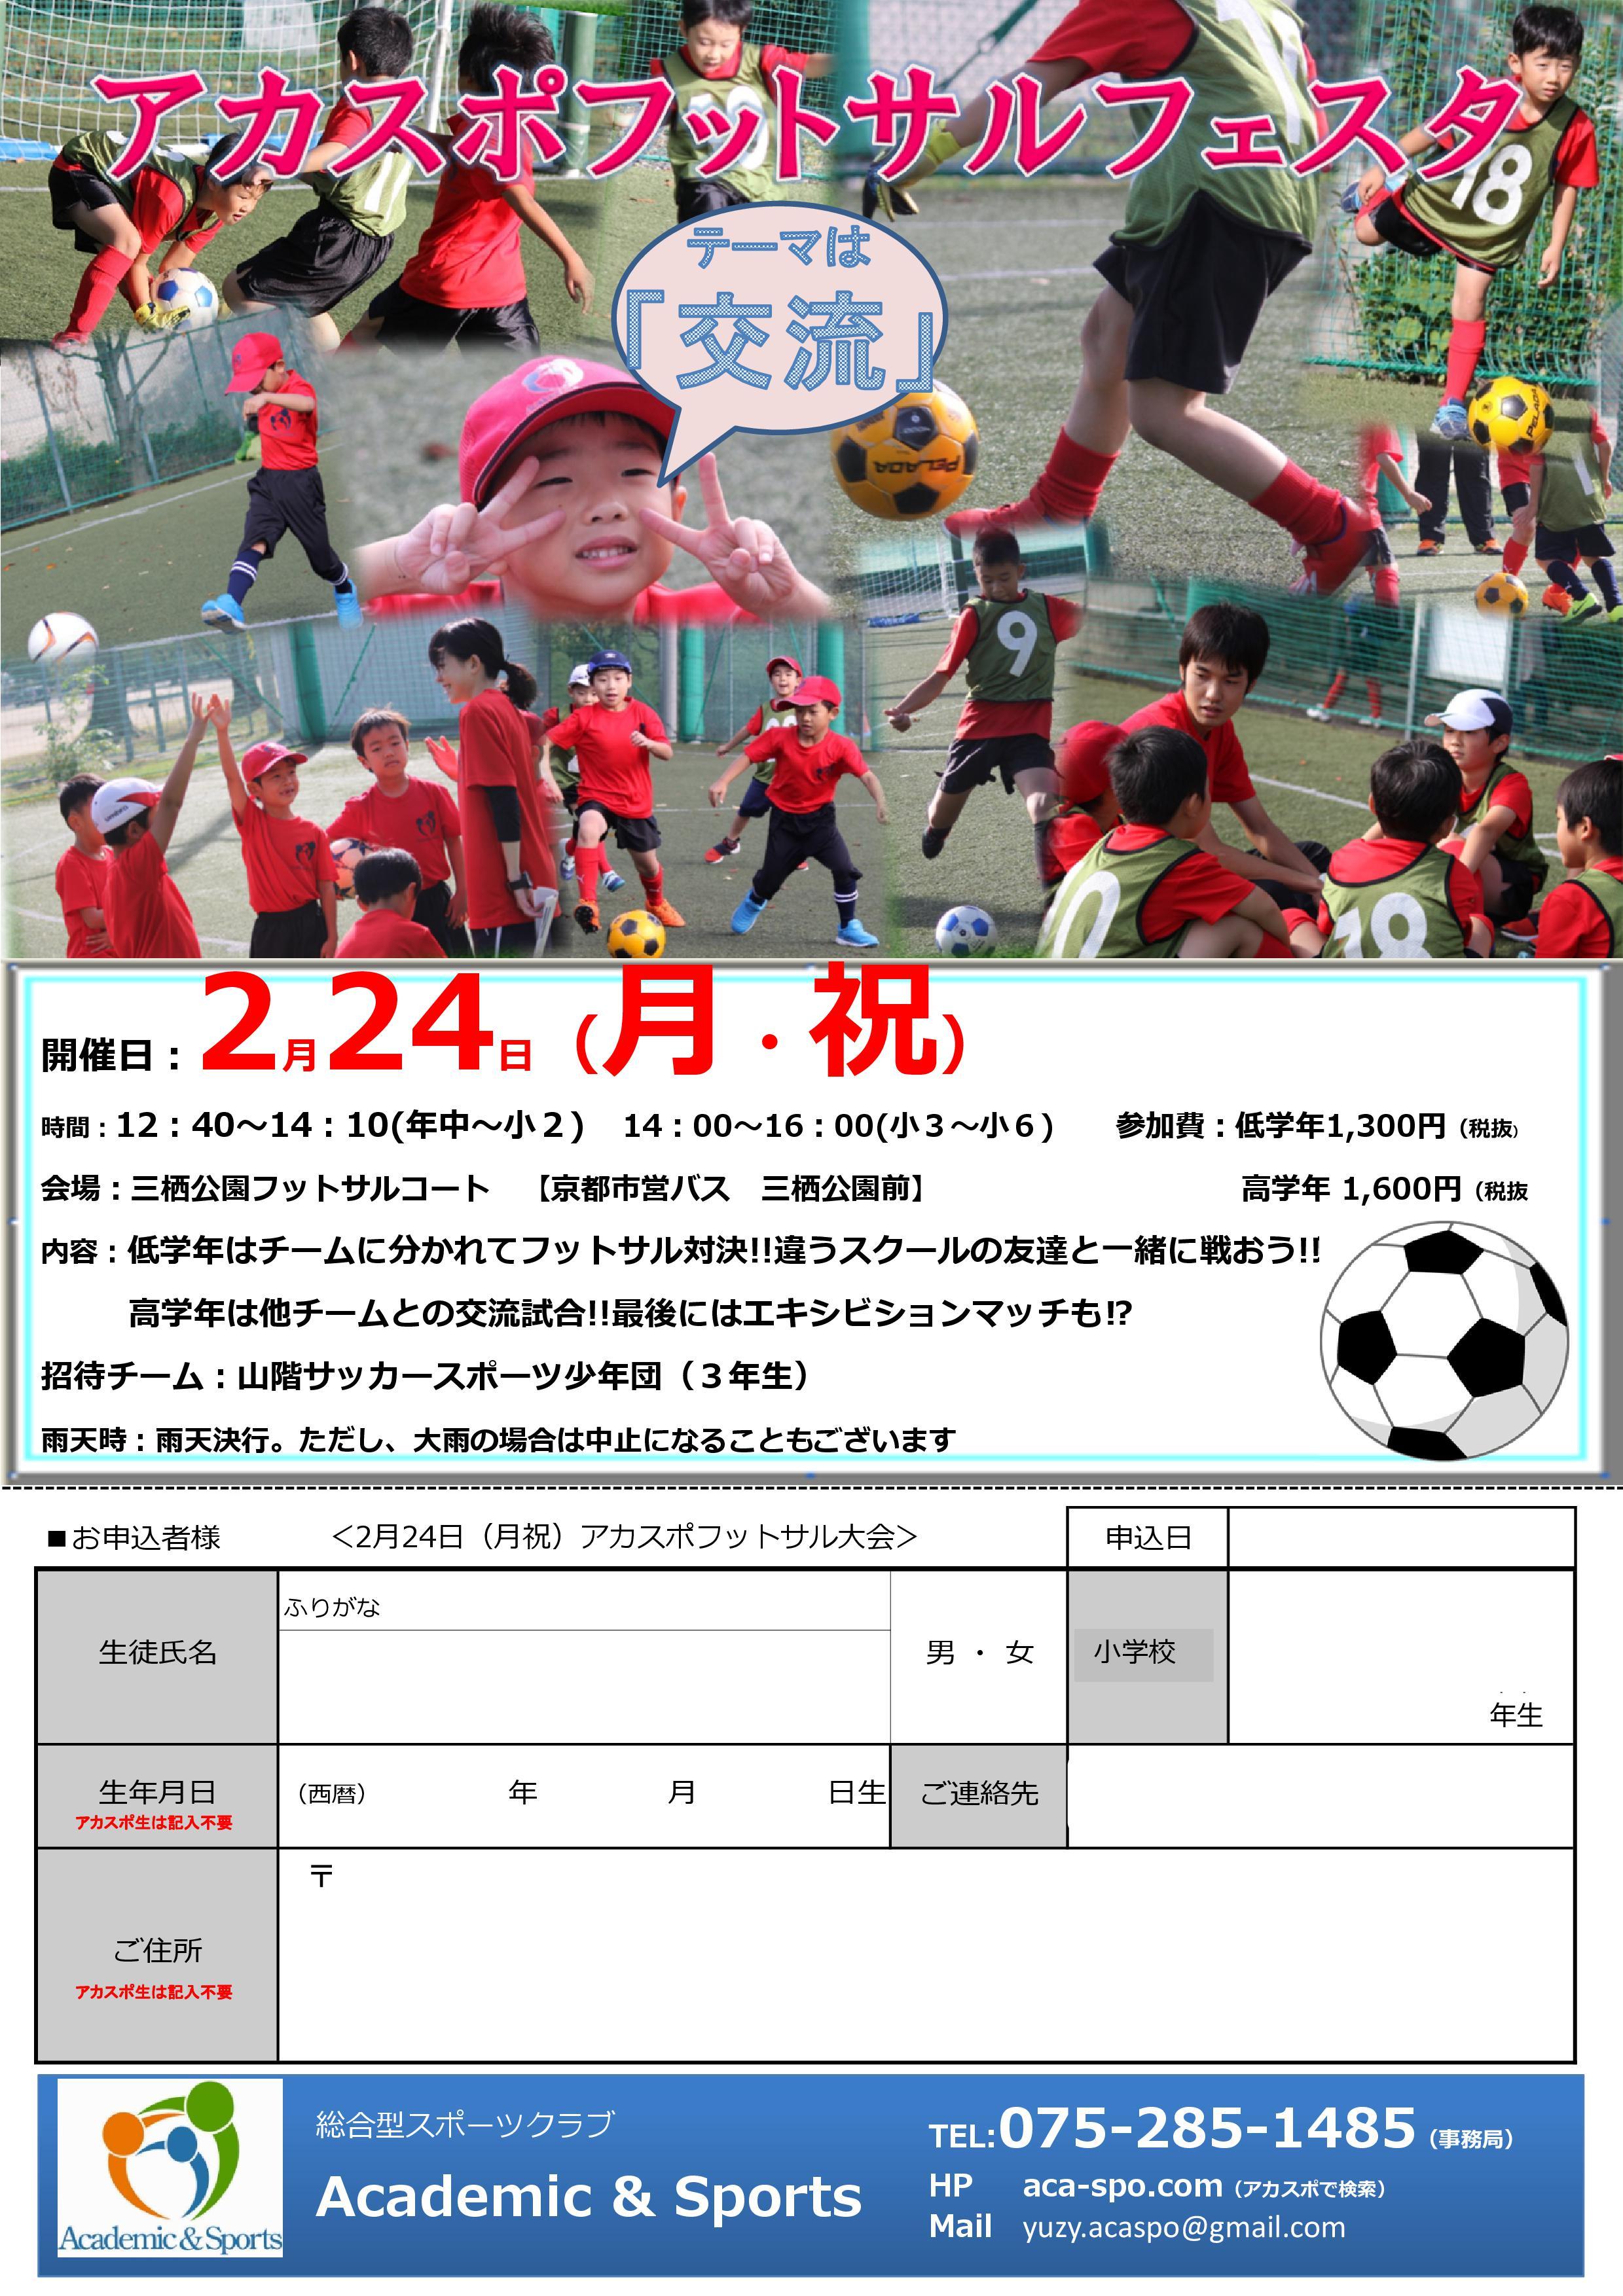 【サッカースクール】アカスポフットサルフェスタ